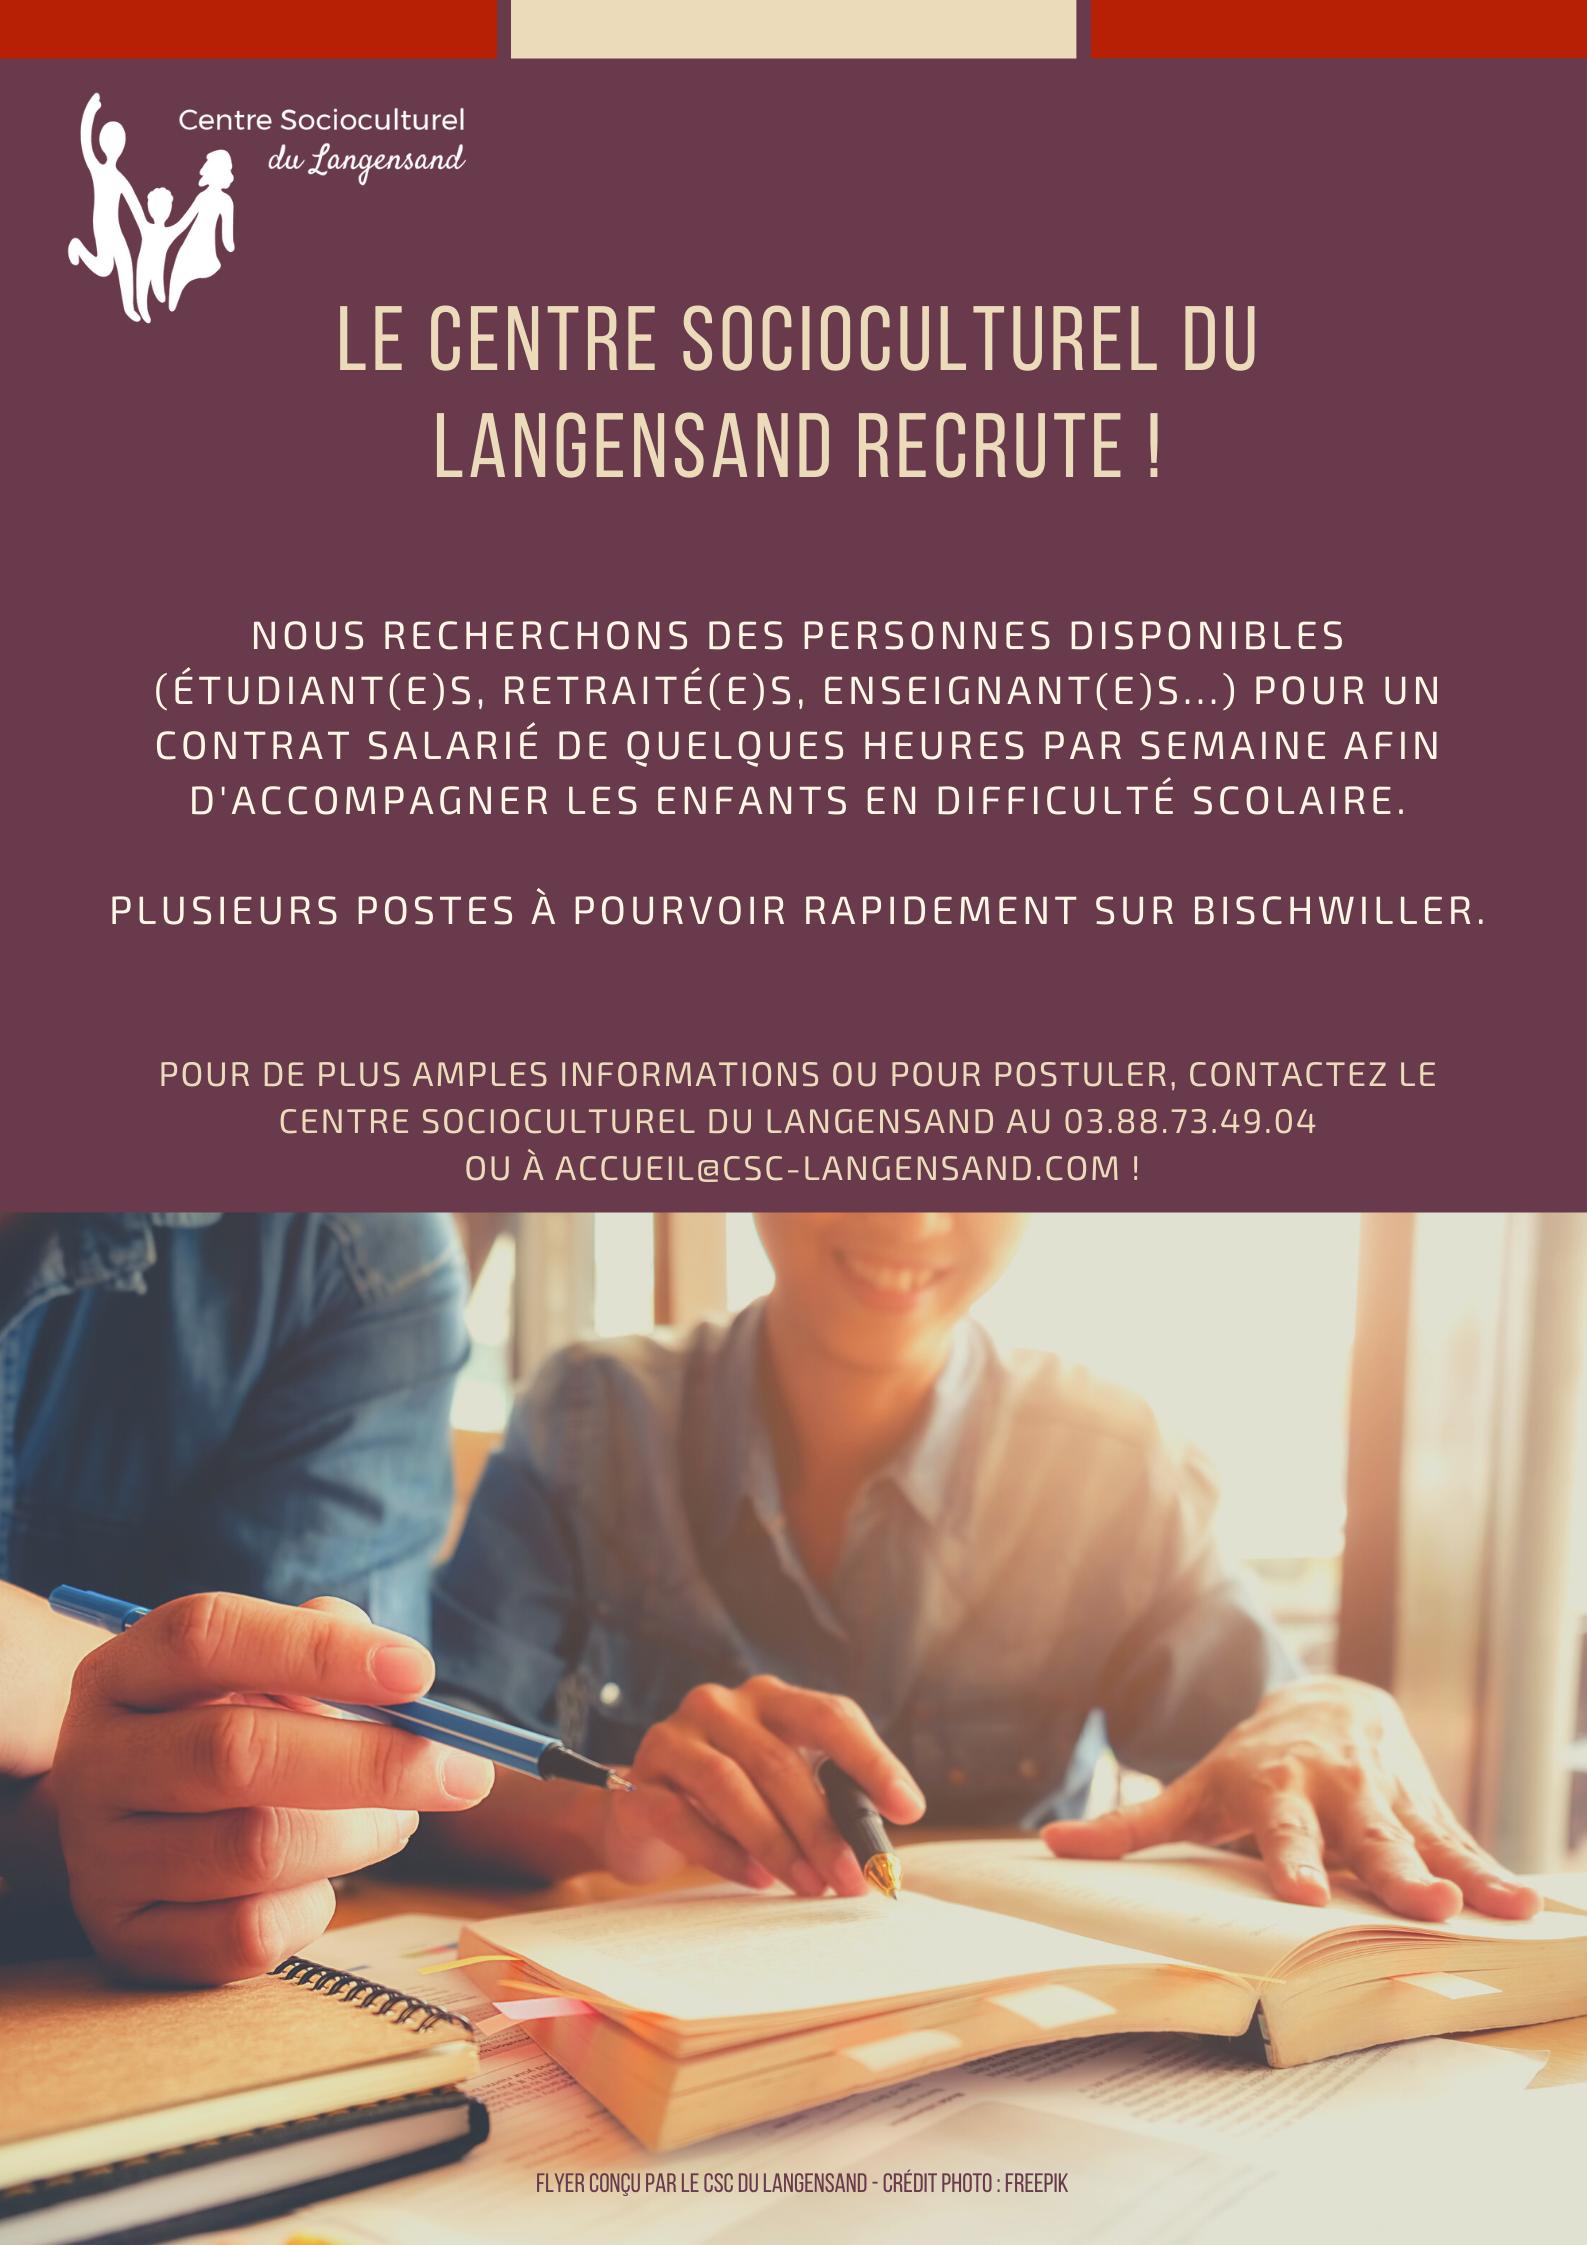 Le Centre Socioculturel du Langensand recrute !